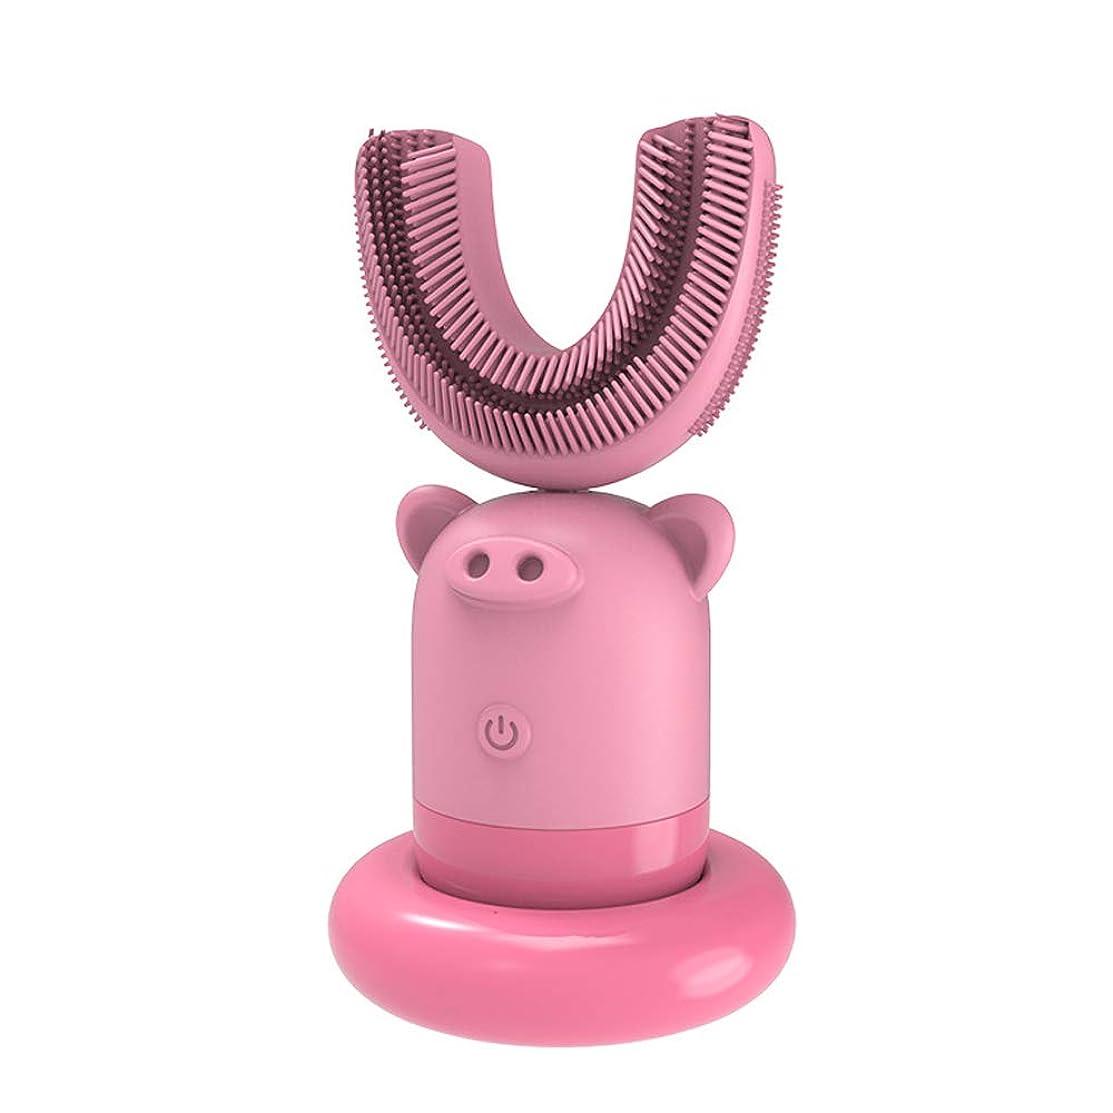 マキシム骨怠感フルオート超音波電動歯ブラシクリーン防水U型電動歯ブラシ充電スマート怠惰な歯ブラシキッズ用3-7年,Pink